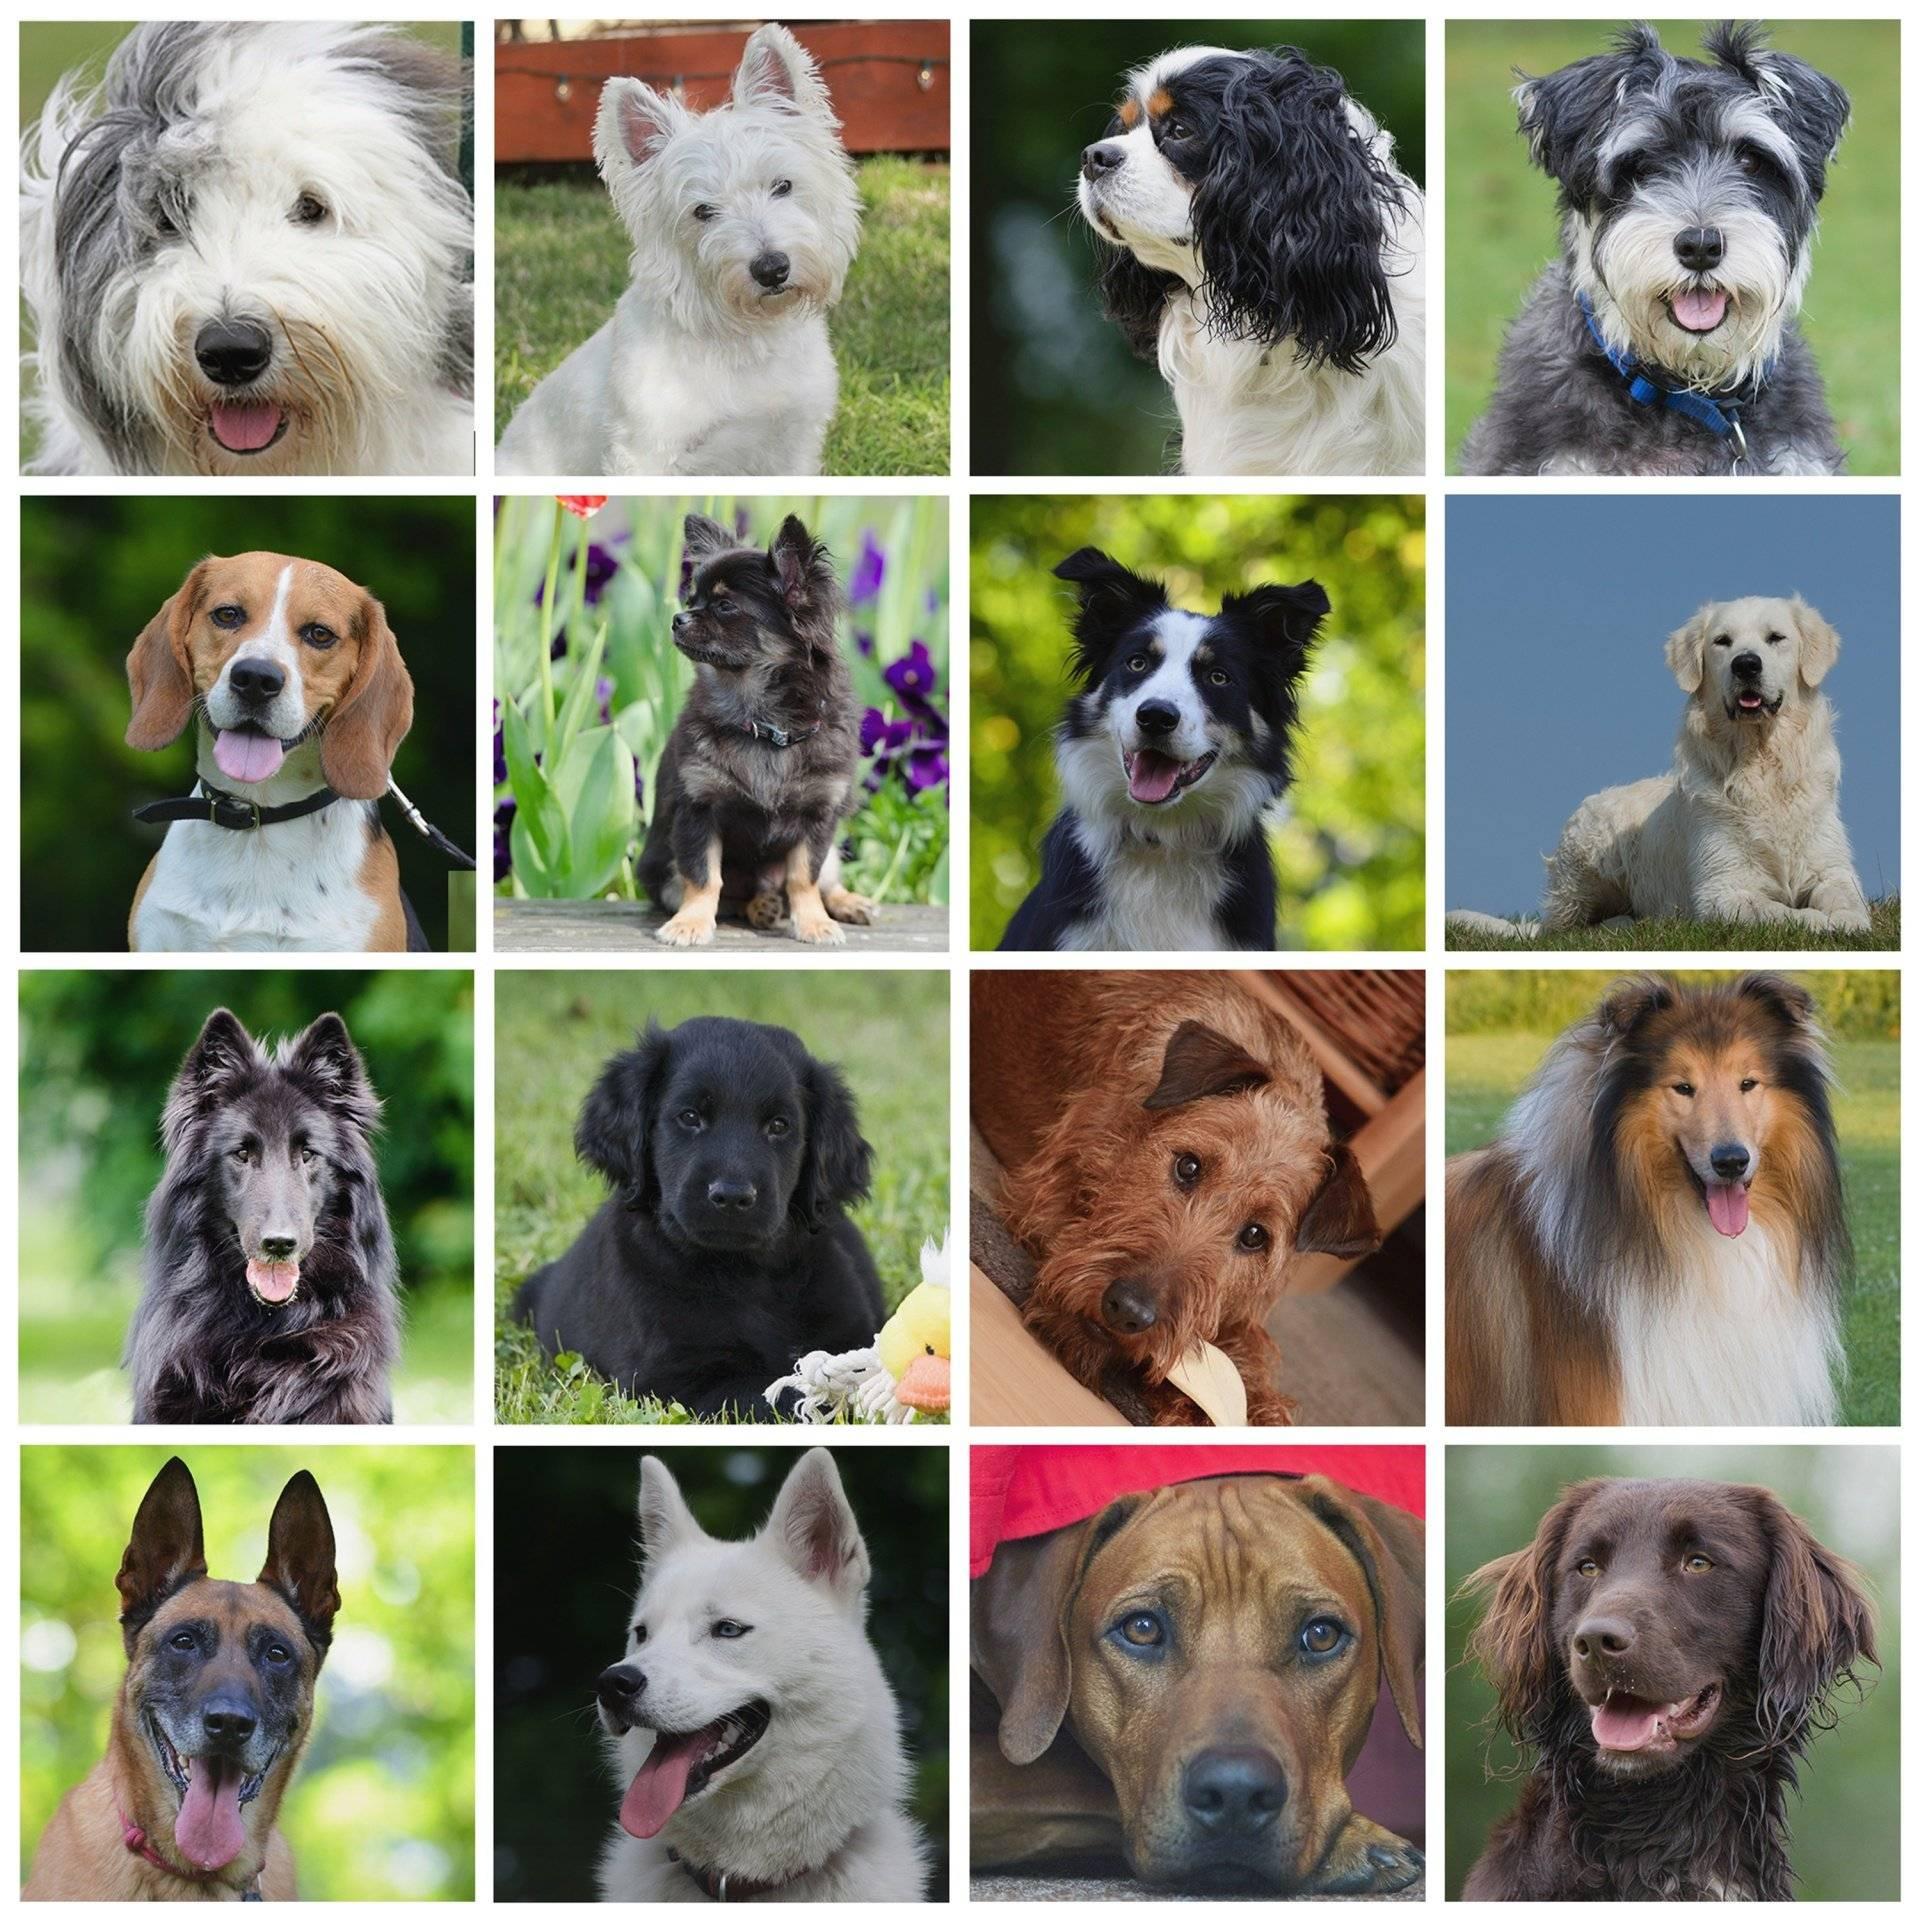 Köpek Fiyatları Cinslere Göre Değişkenlik Gösterir Mi?